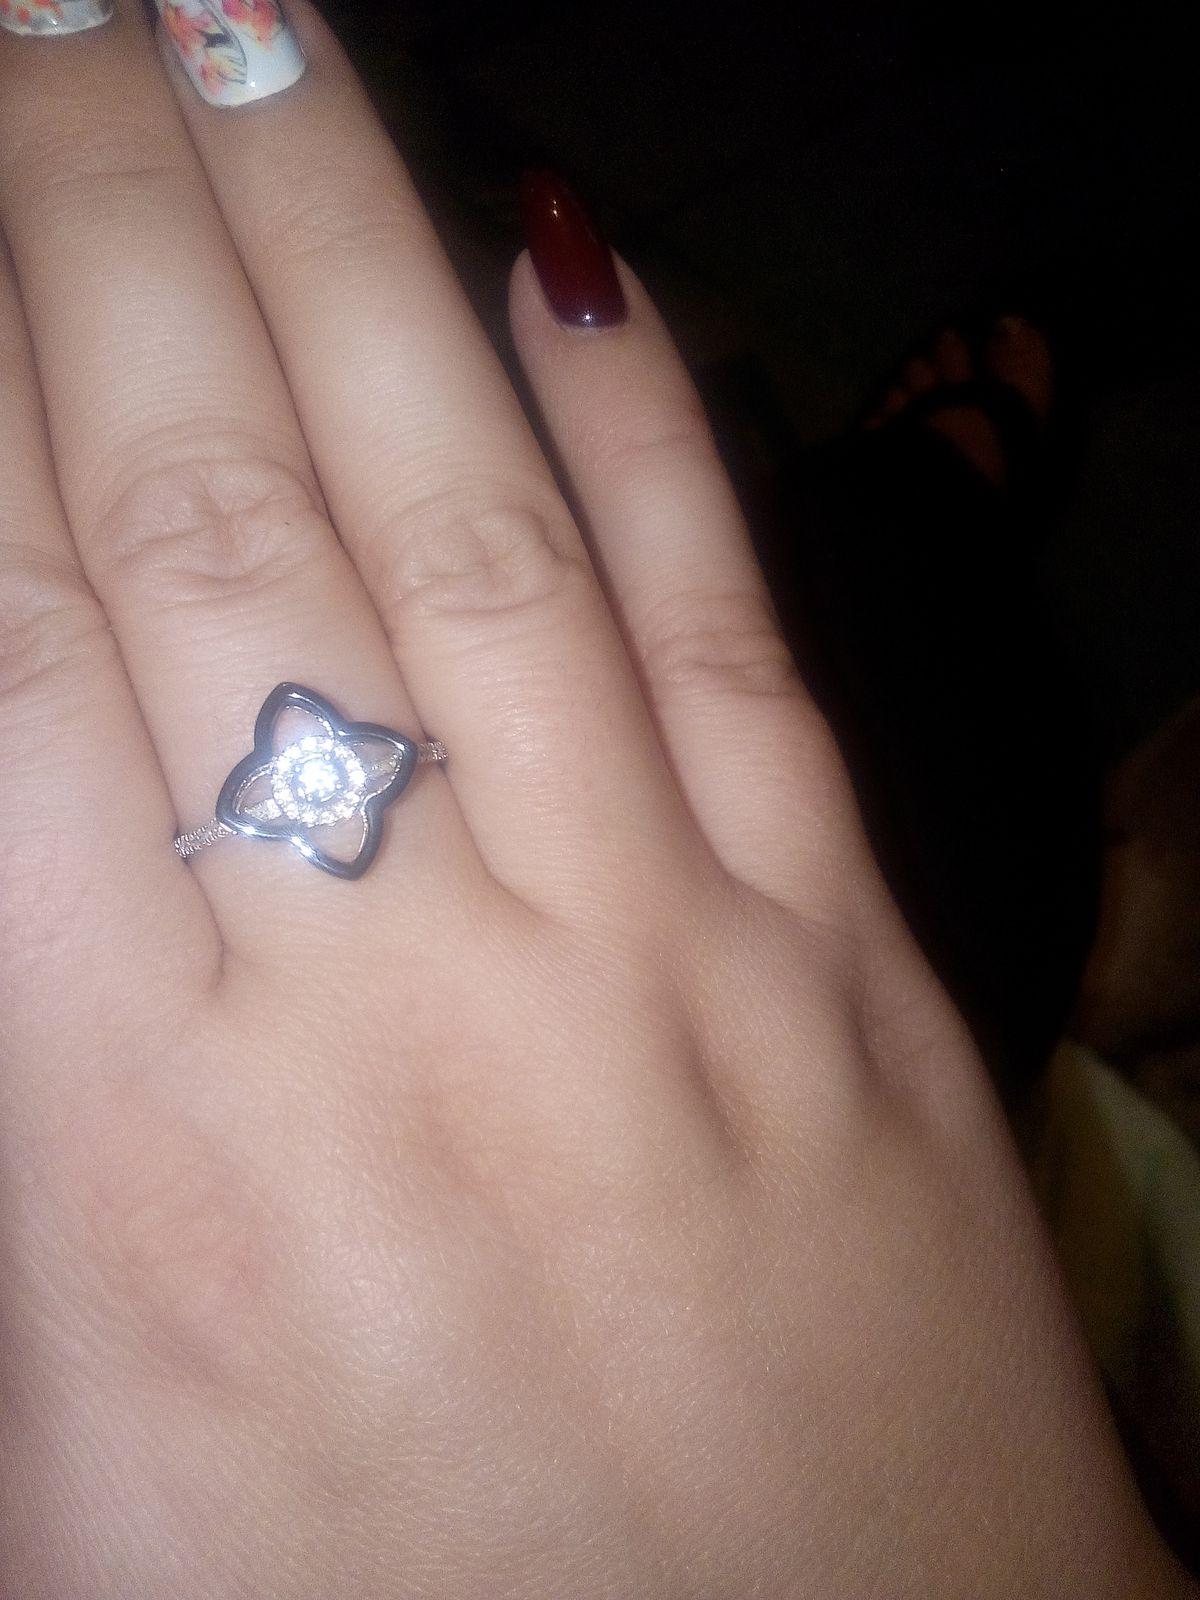 Шикарное серебряное кольцо с керамикой и усыпано множеством фианитов!!!!!!!